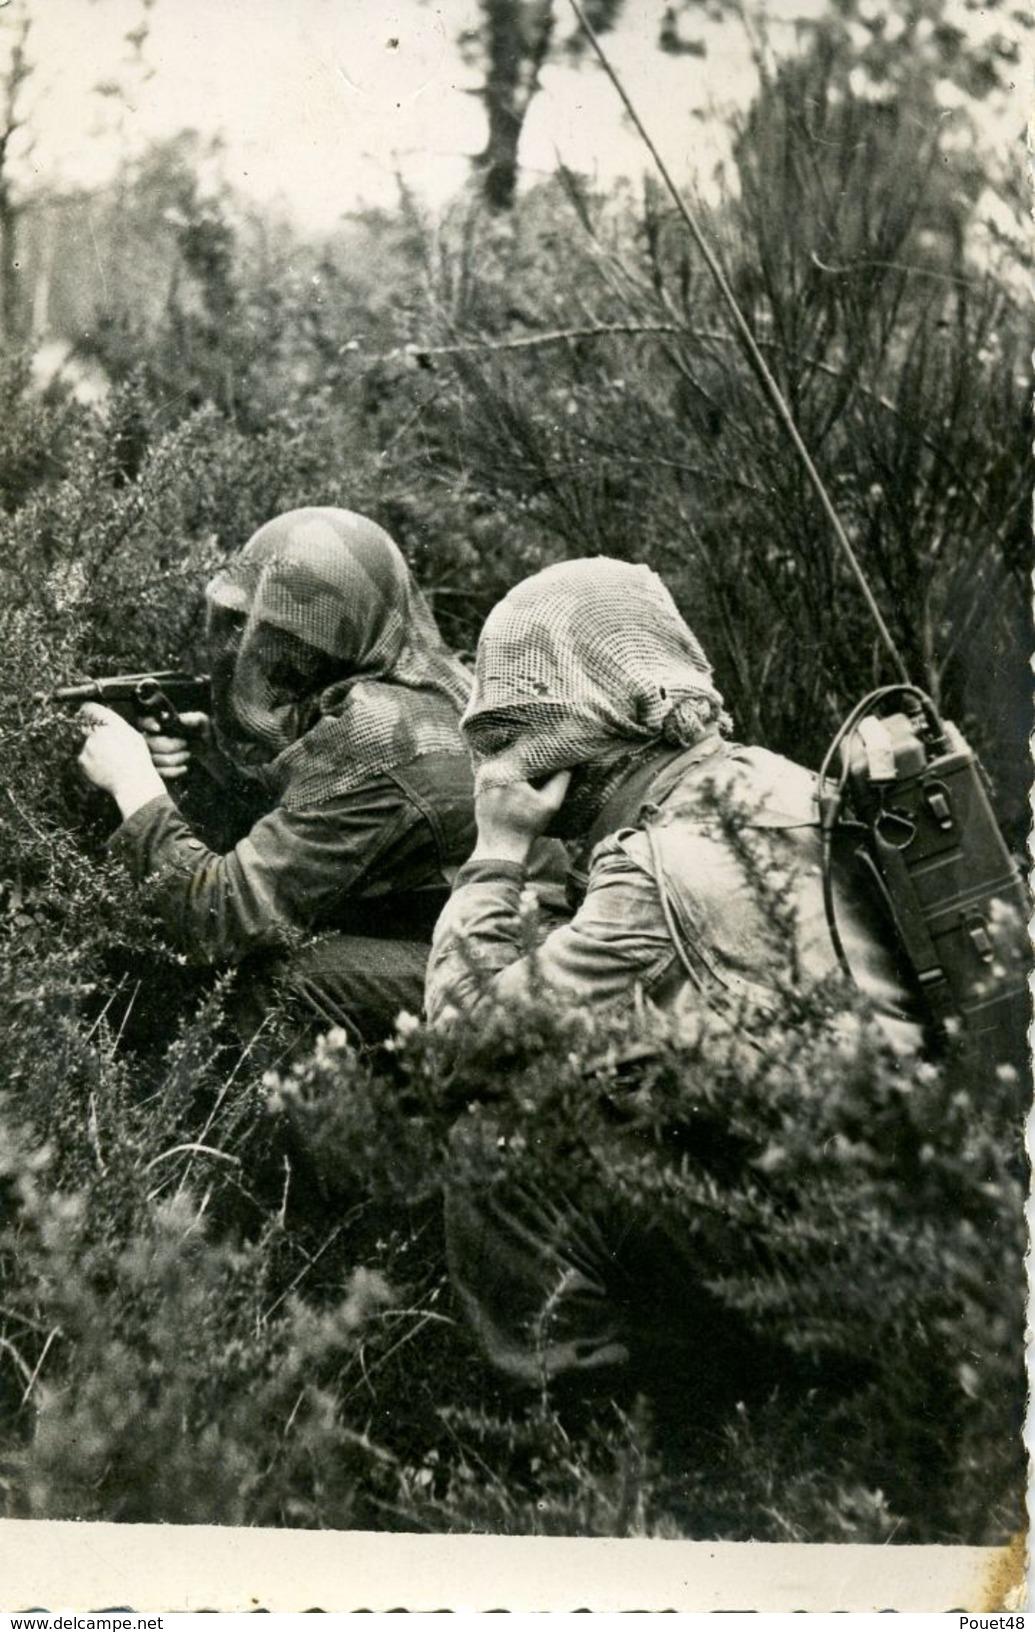 Photo Des Forces Aéro-portées D'Indochine 1946 - Parachutistes.Radio - Aviation